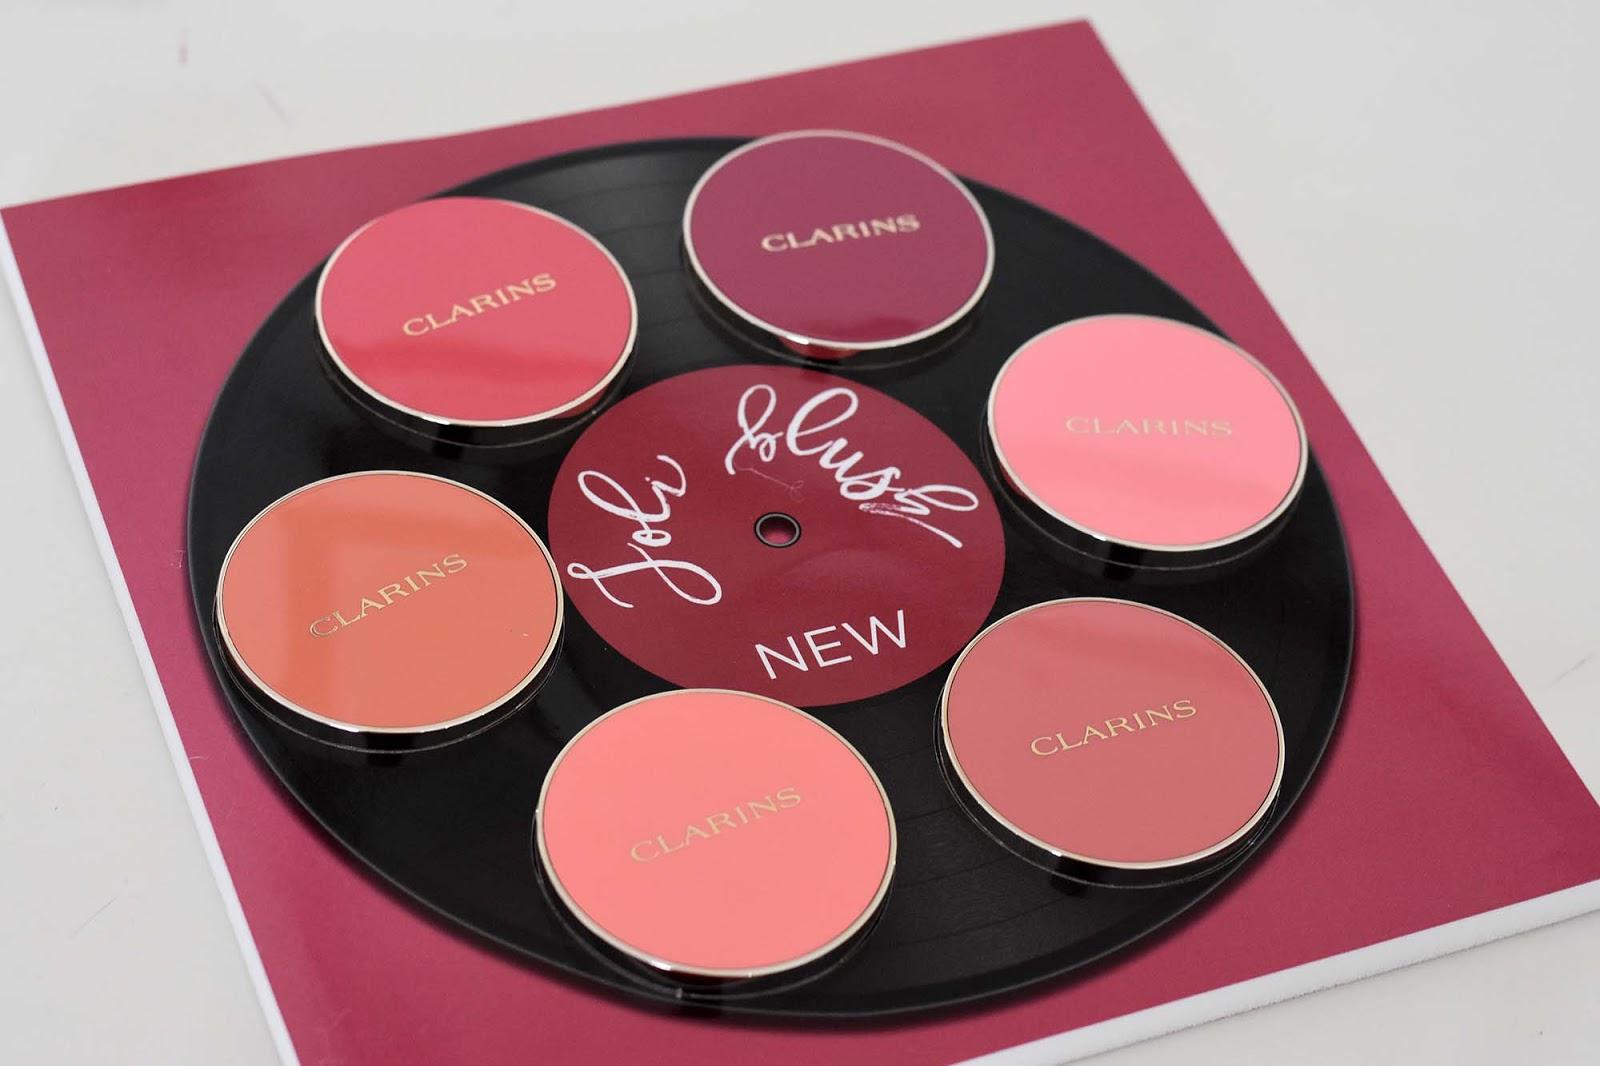 joli blush clarins